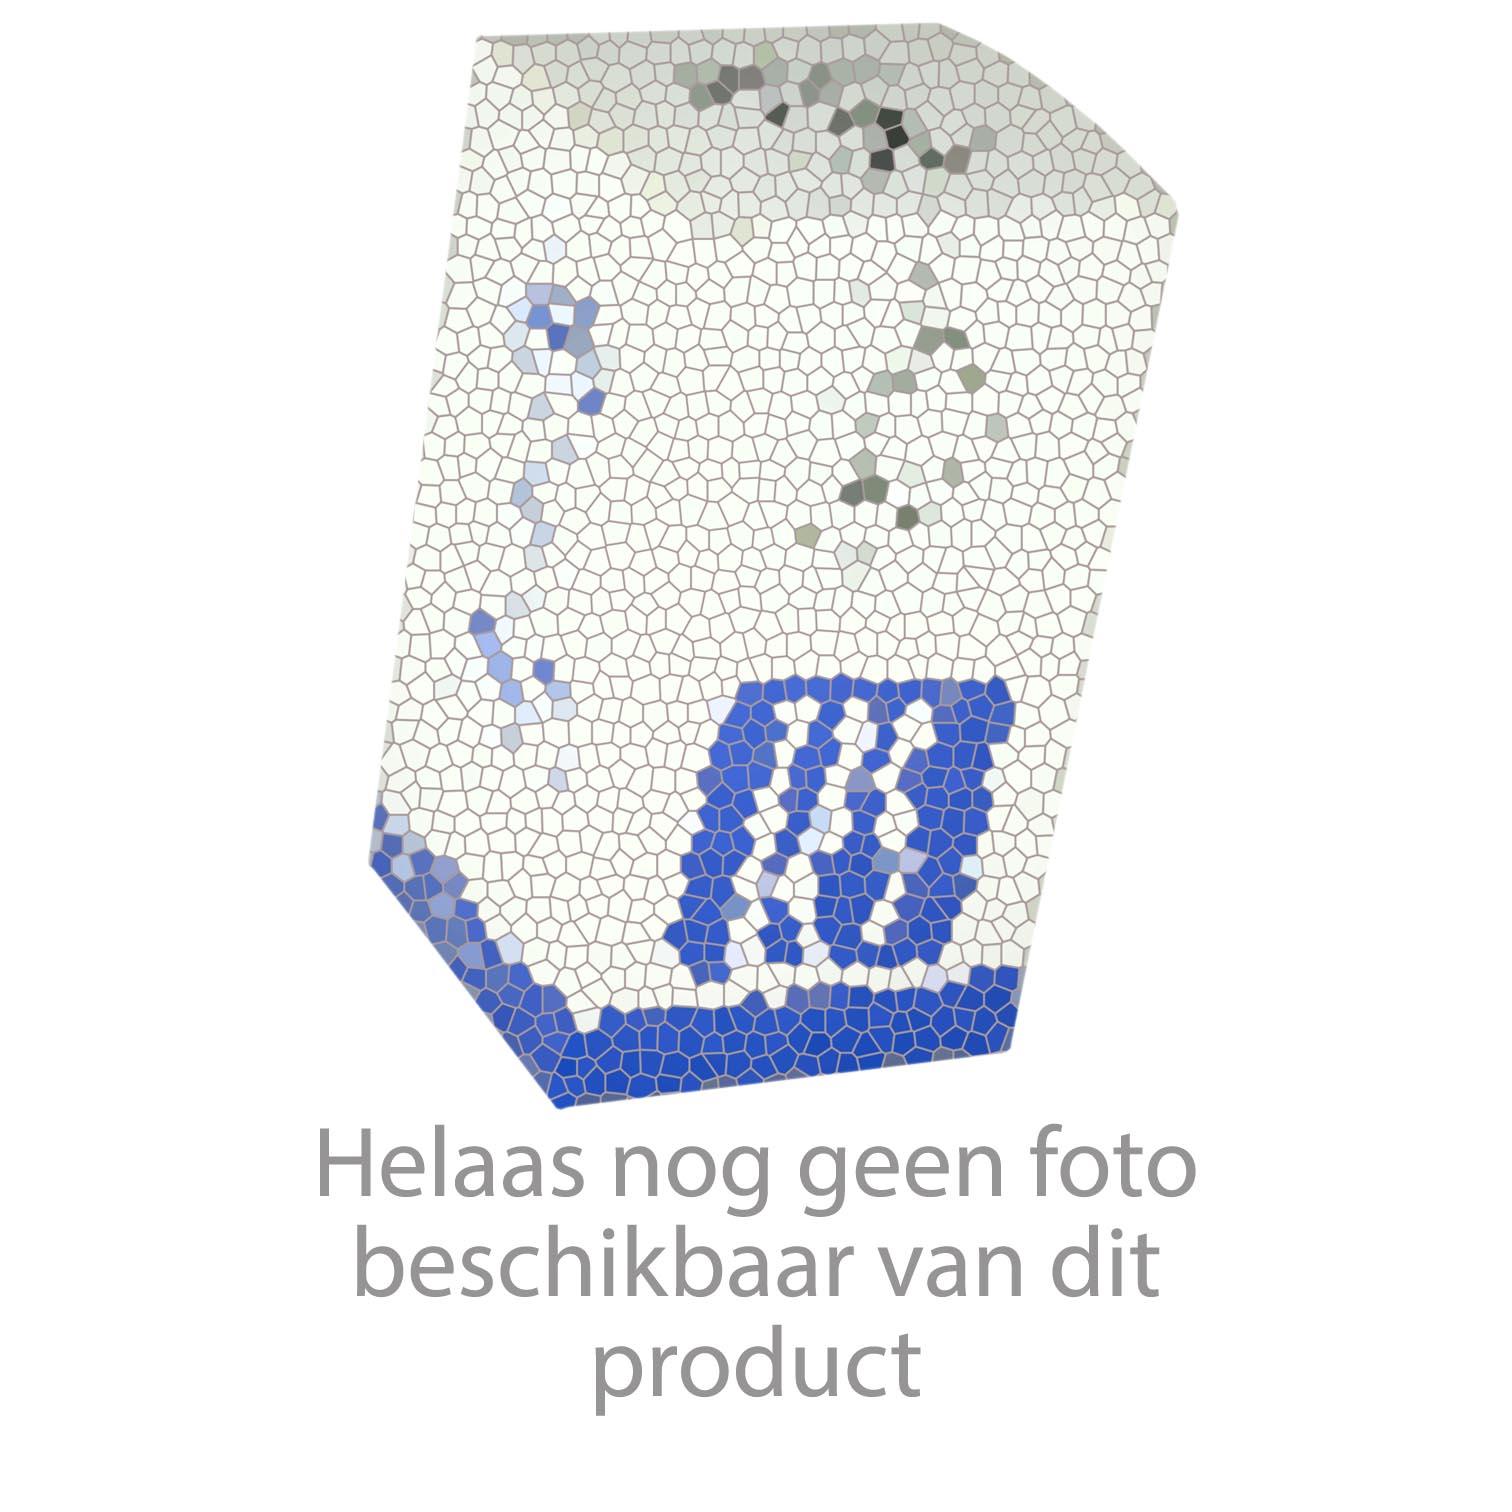 Vola Inbouwthermostaat met 3-weg omstel, handdouche, regendouche en 2 zijdouches. Geborsteld RVS